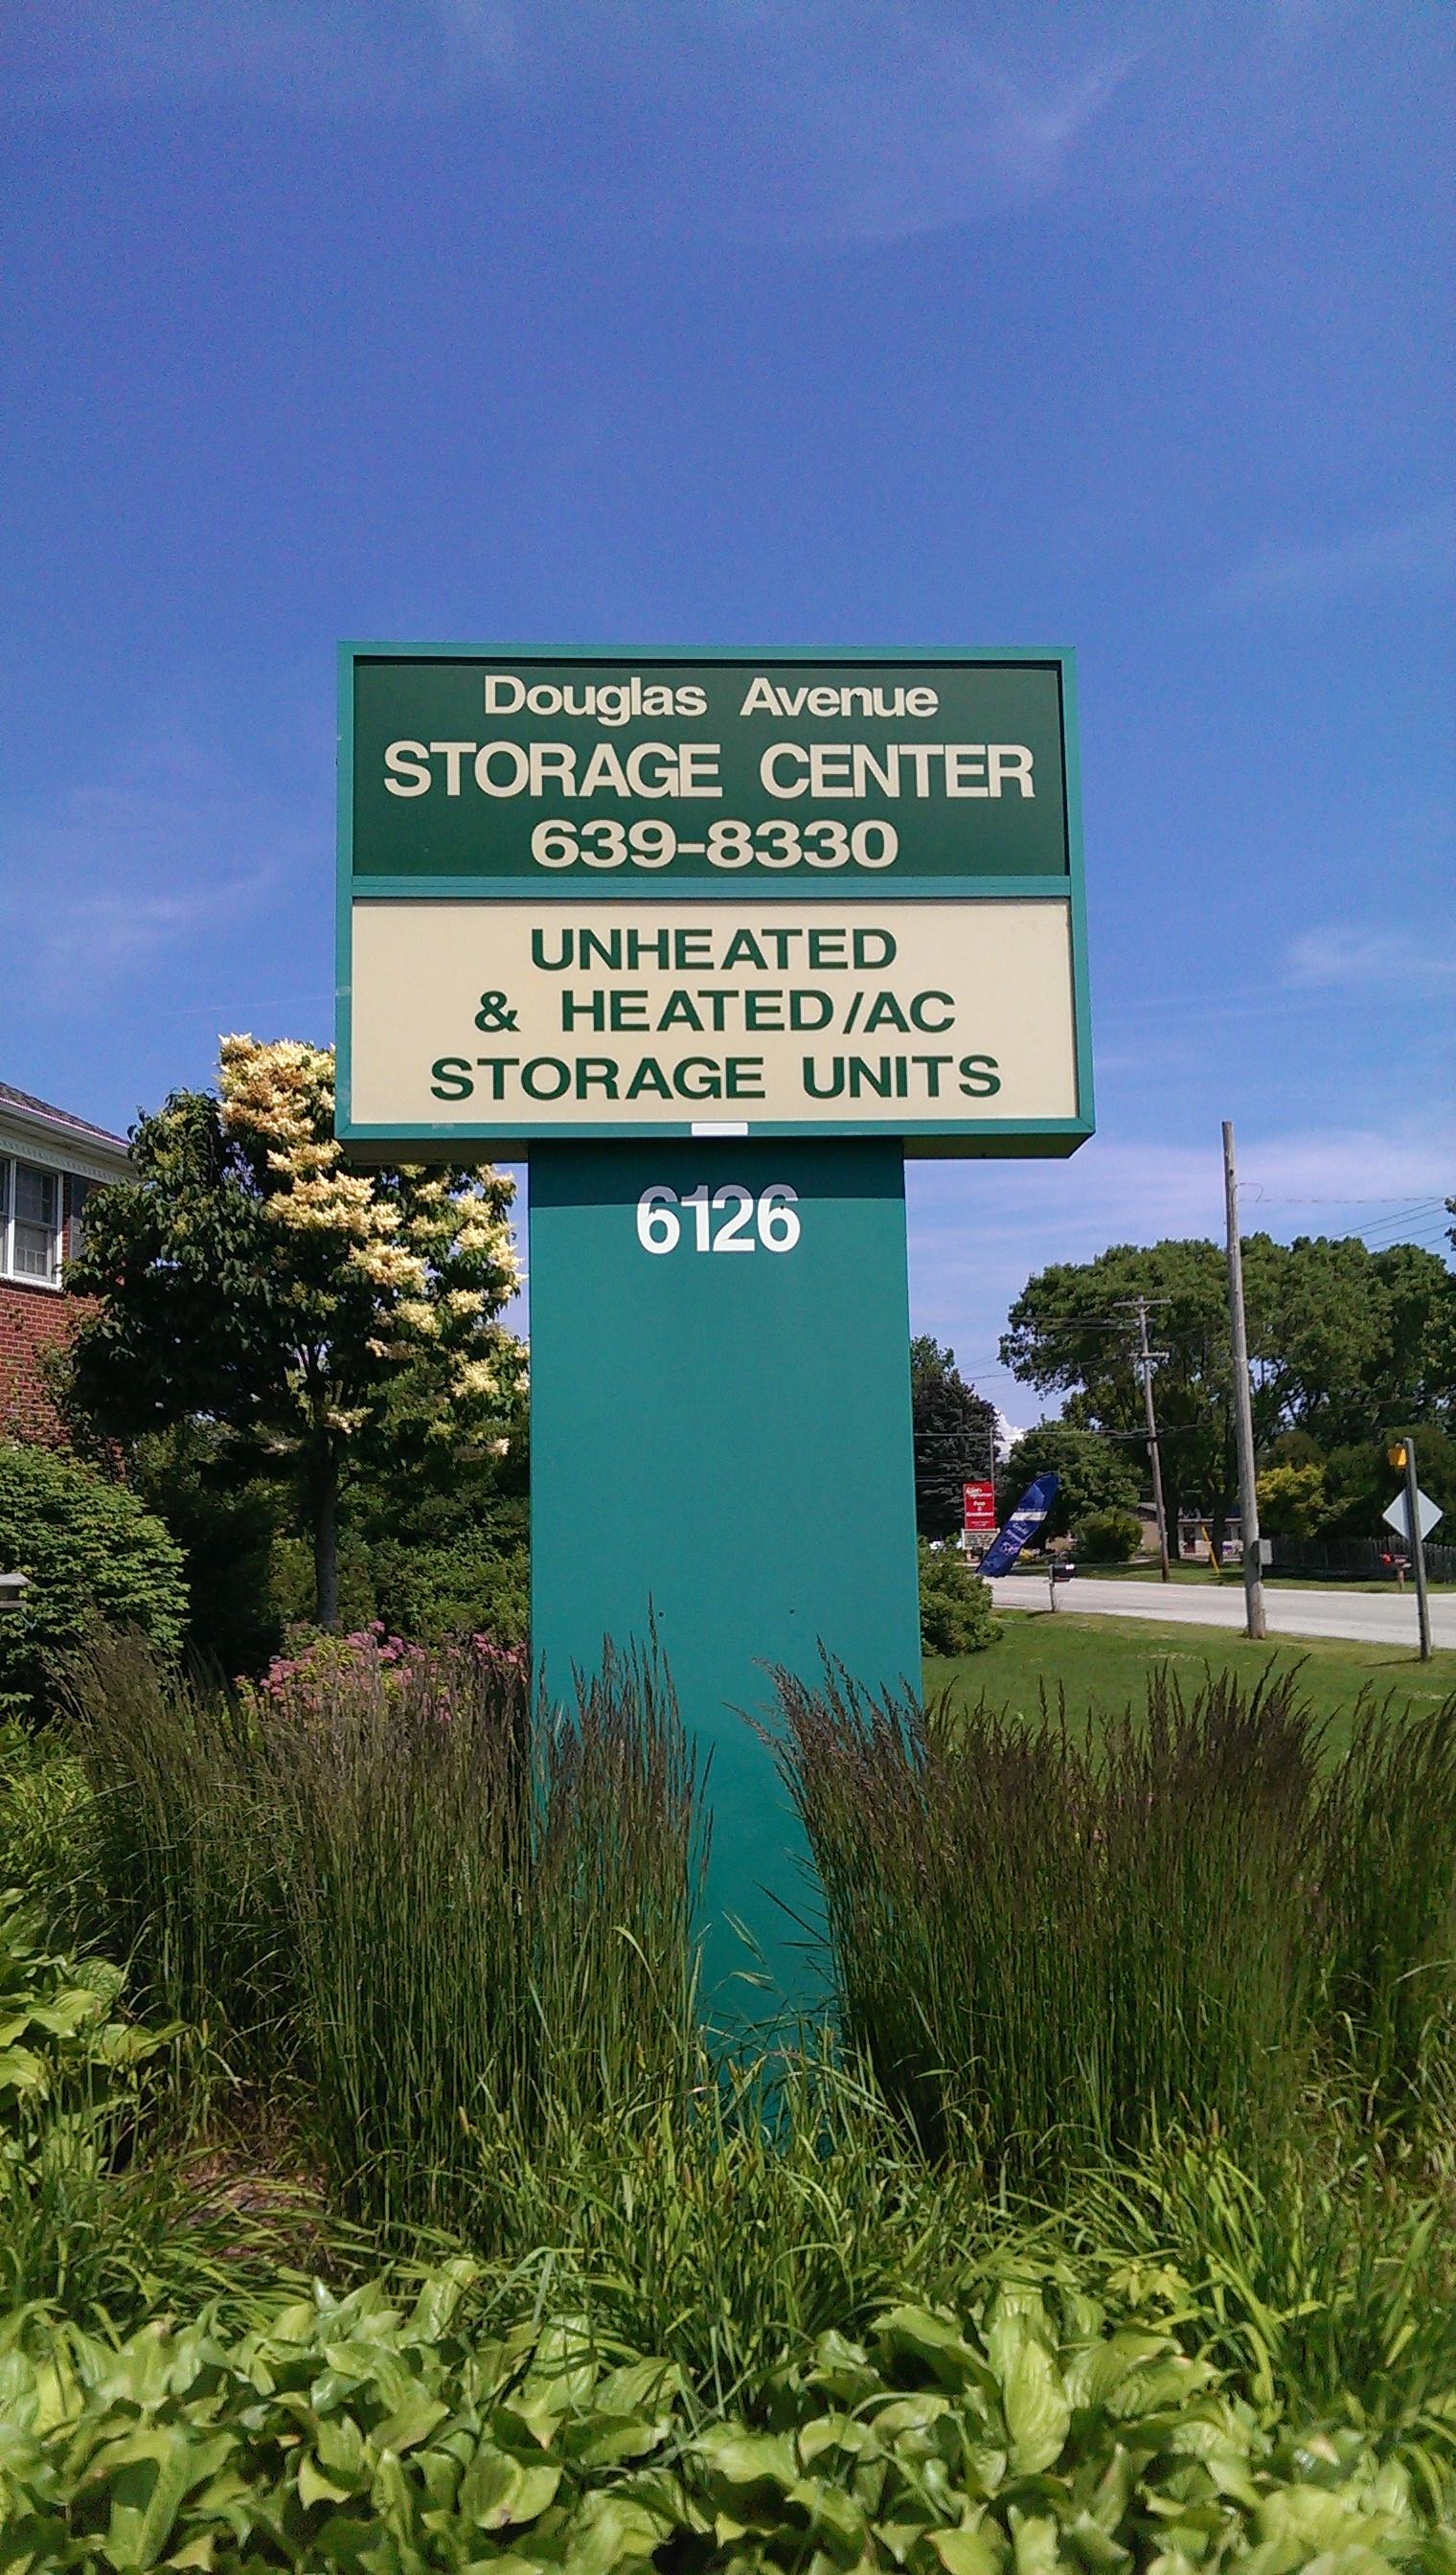 Douglas Avenue Storage